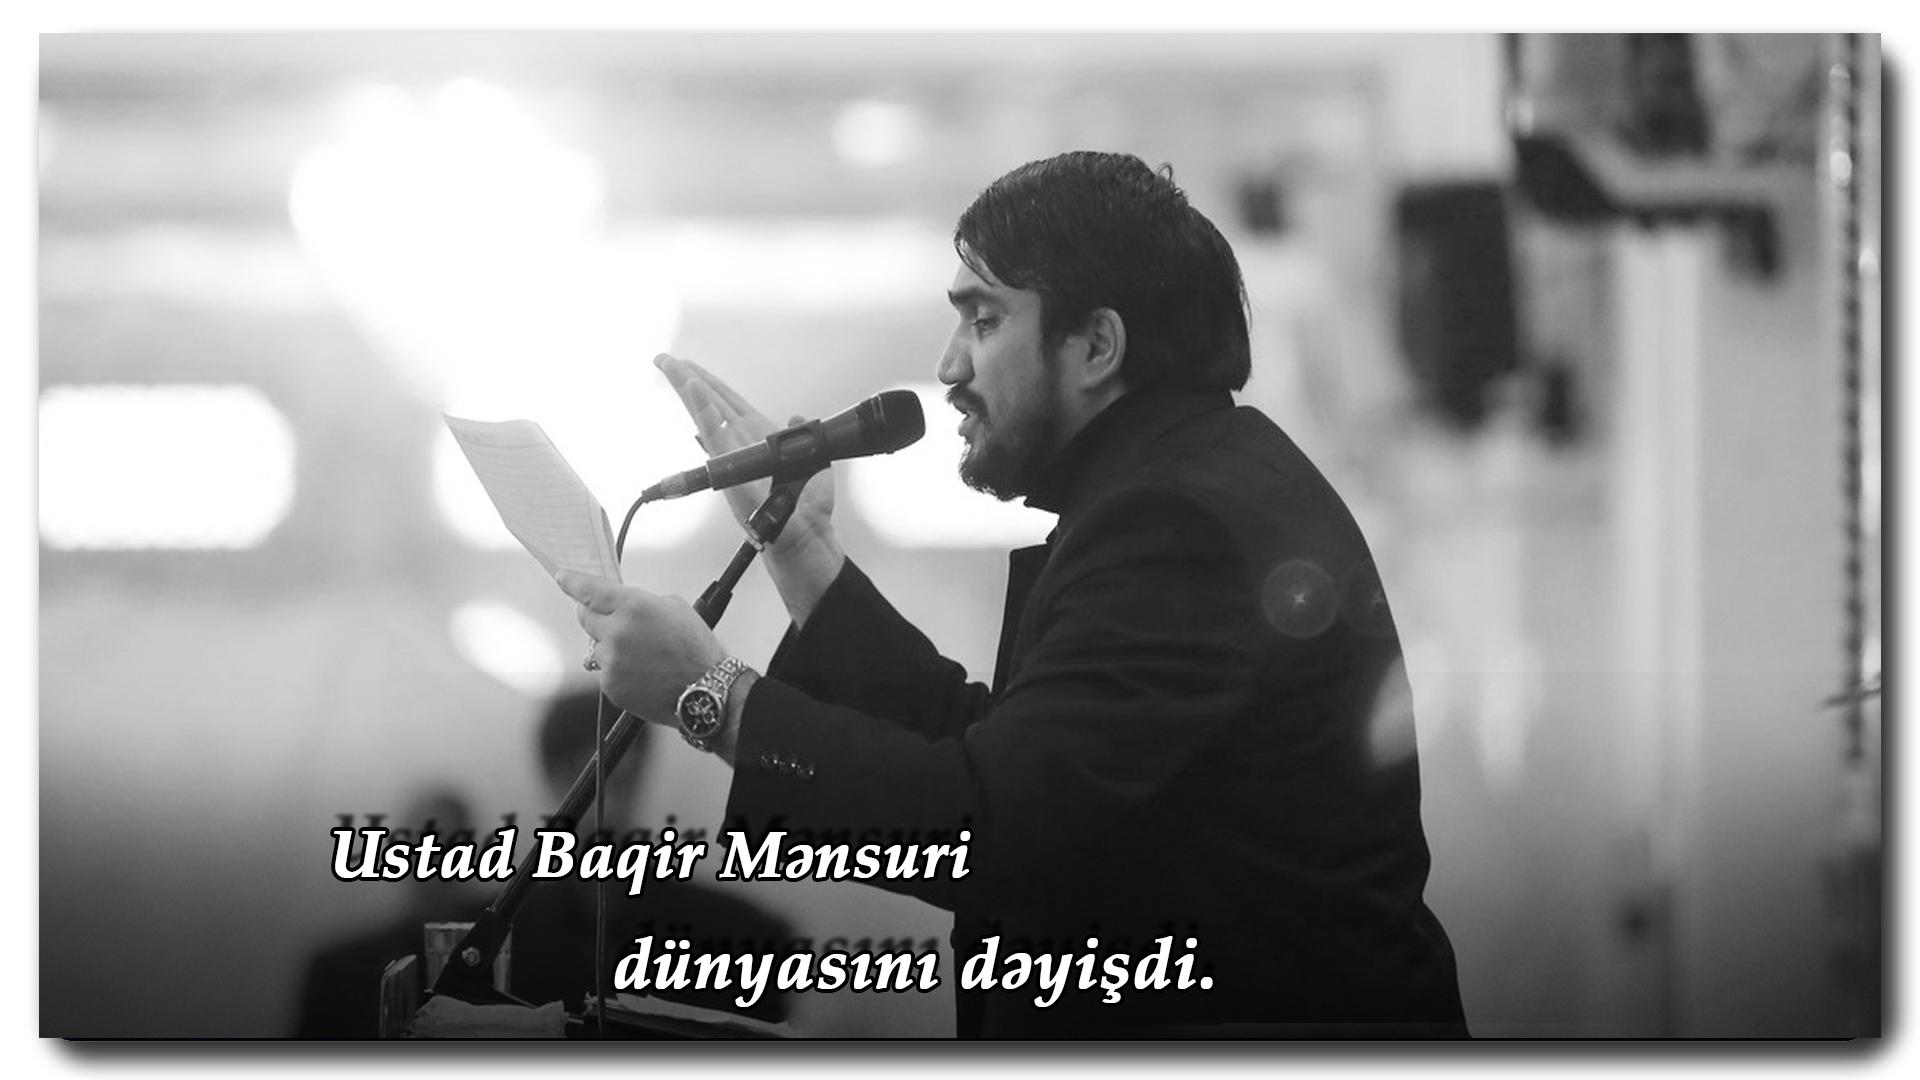 Ustad Baqir Mənsuri  dünyasını dəyişdi